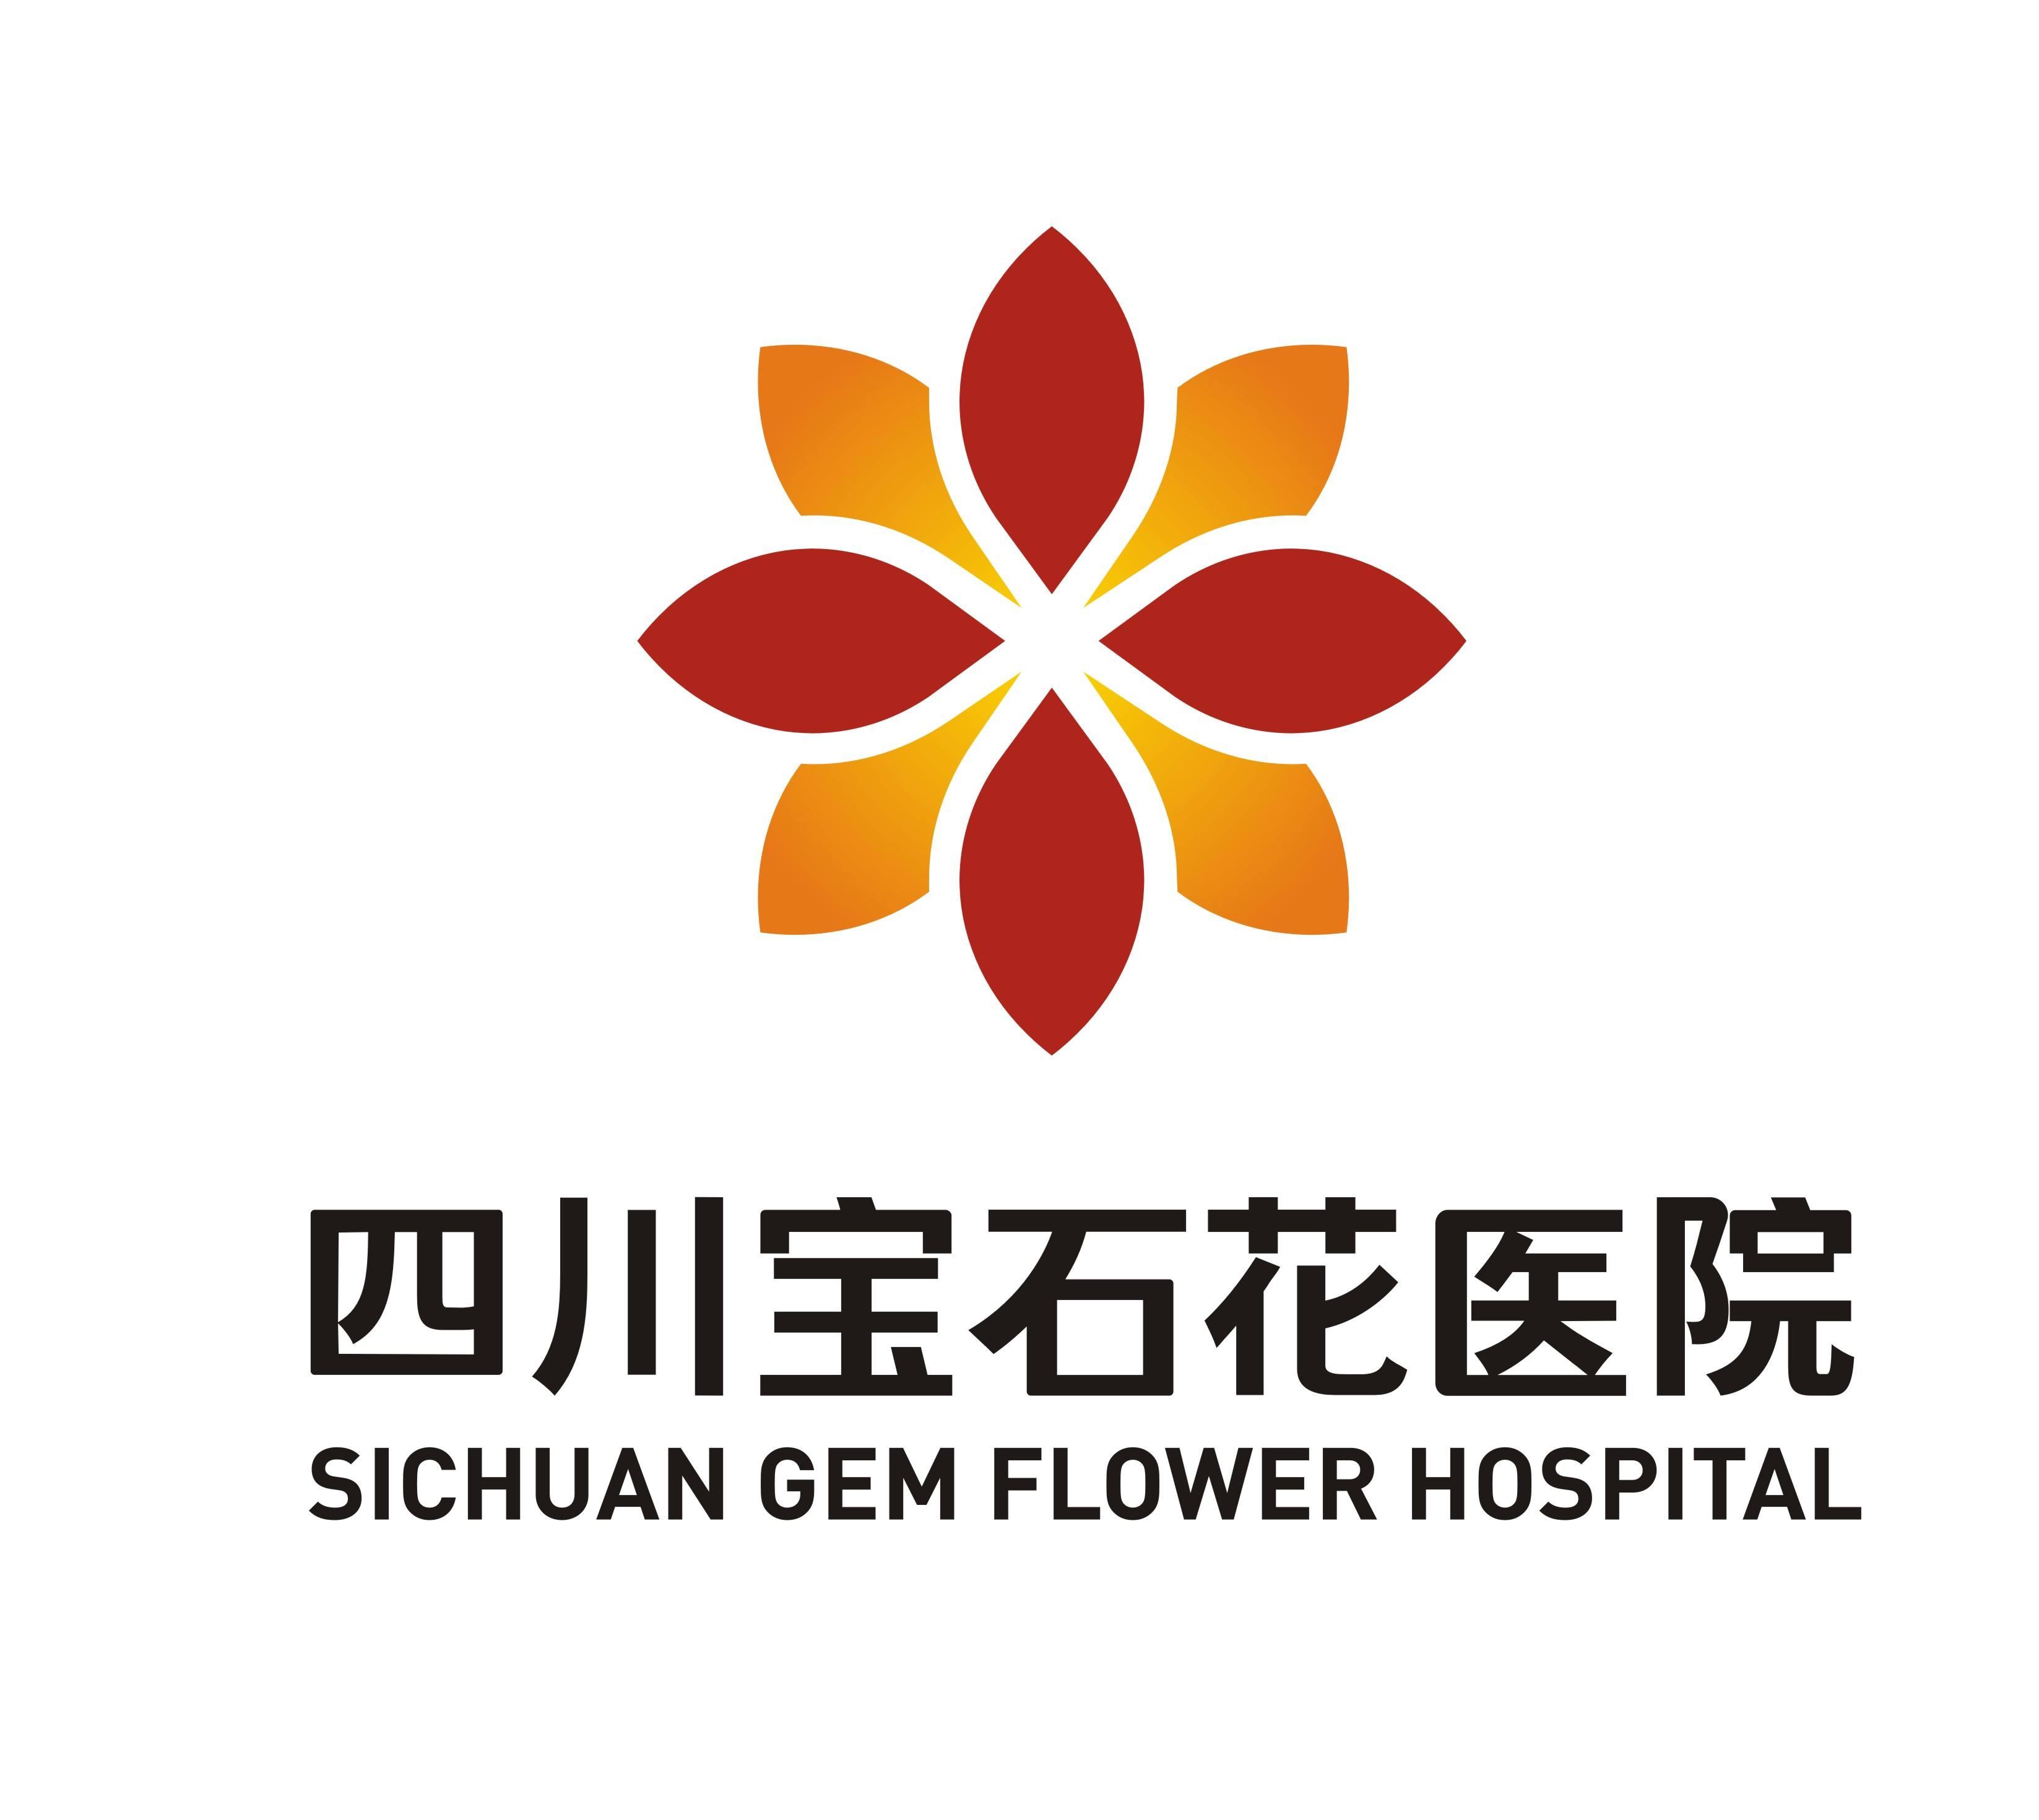 四川宝石花医院